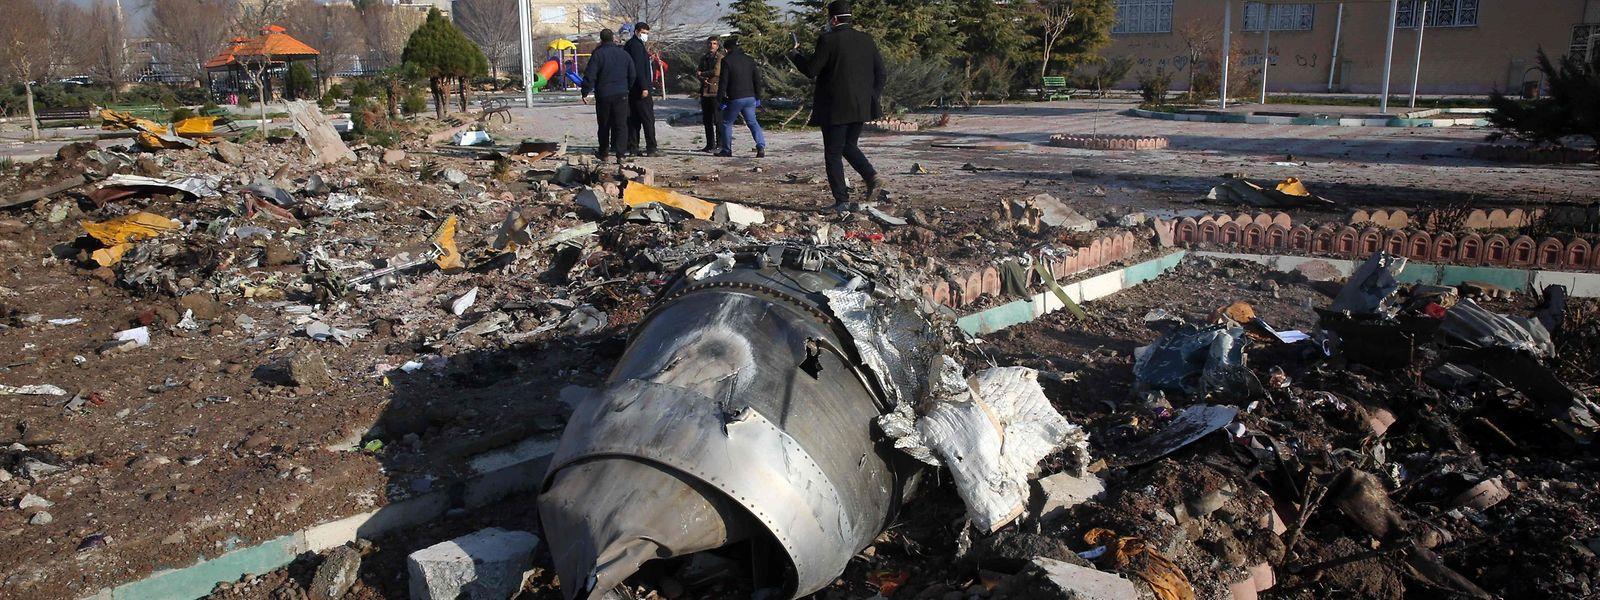 Les Etats-Unis et la France pourraient participer à l'enquête sur le crash de l'avion de ligne en Iran.